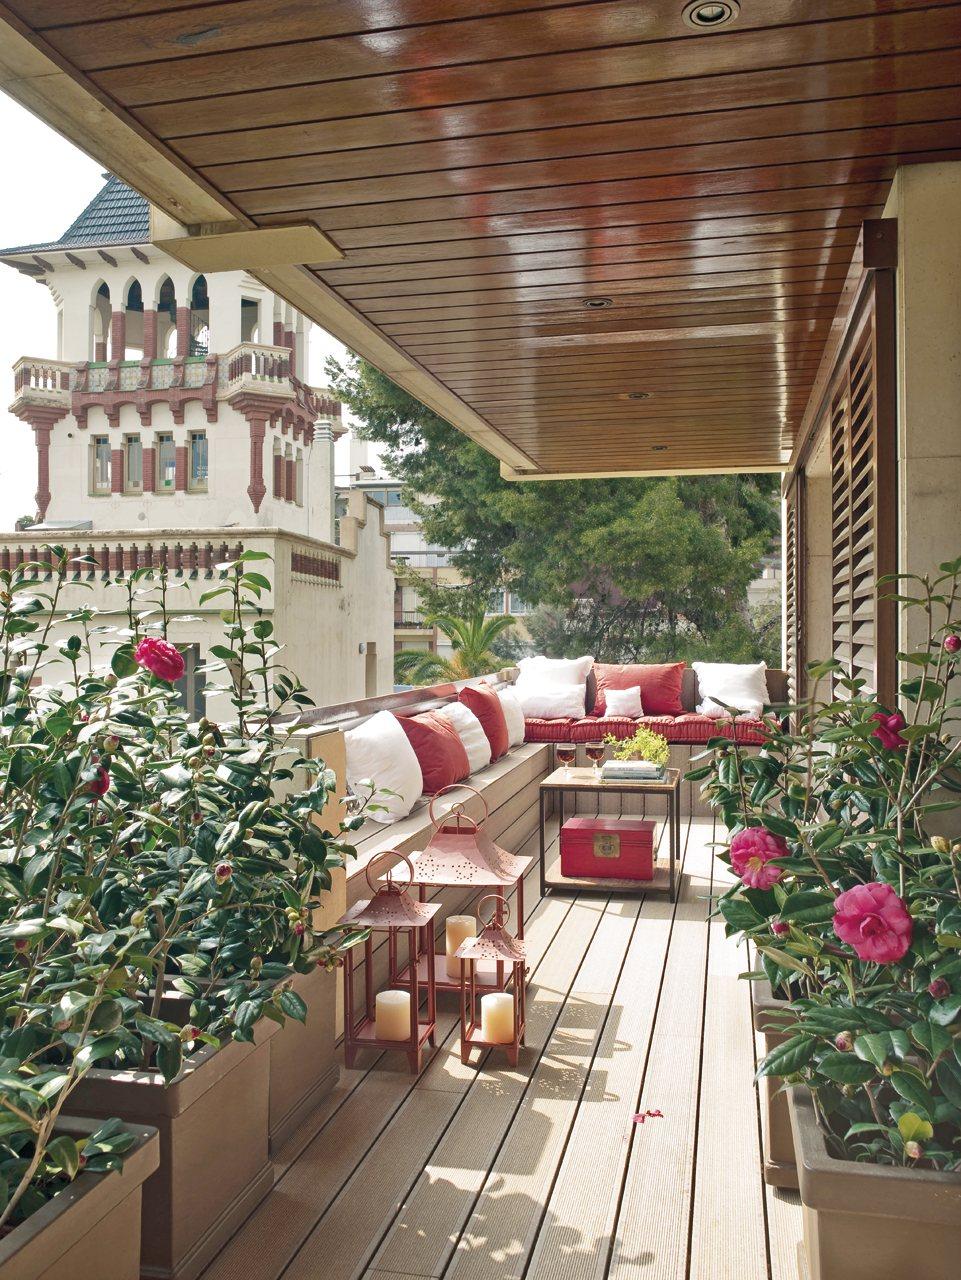 15 formas de aprovechar exteriores peque os - Muebles para balcon pequeno ...